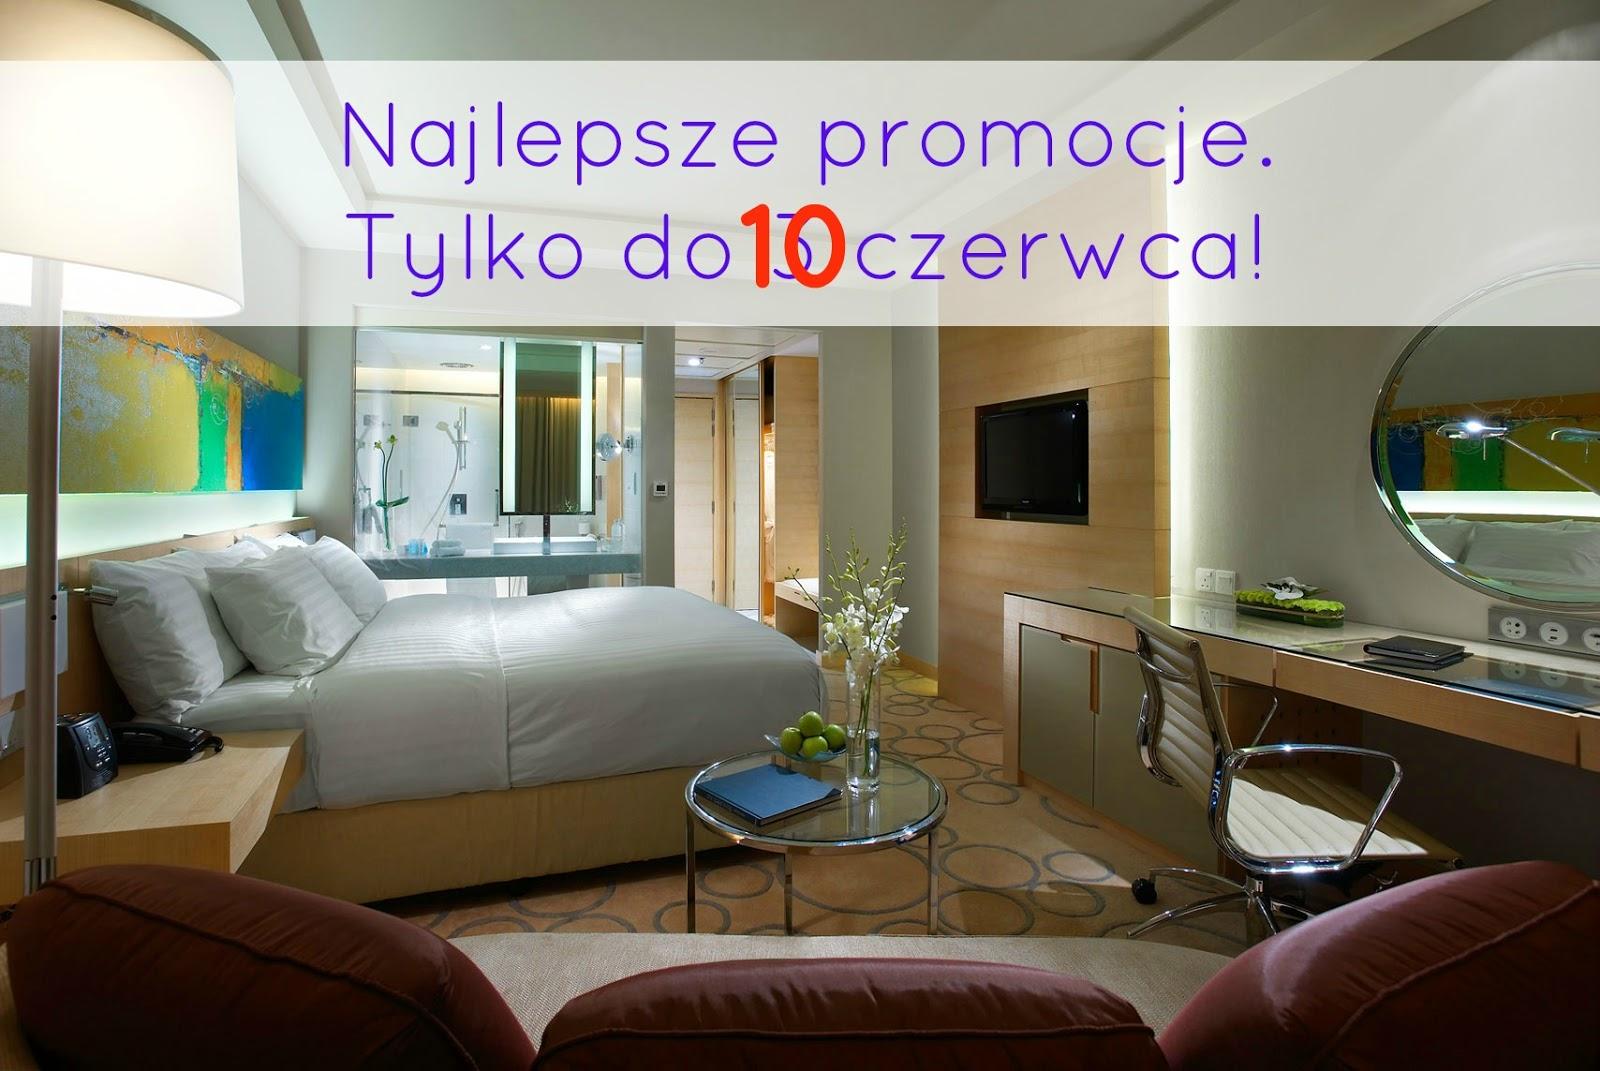 Najlepsze promocje hotelowe